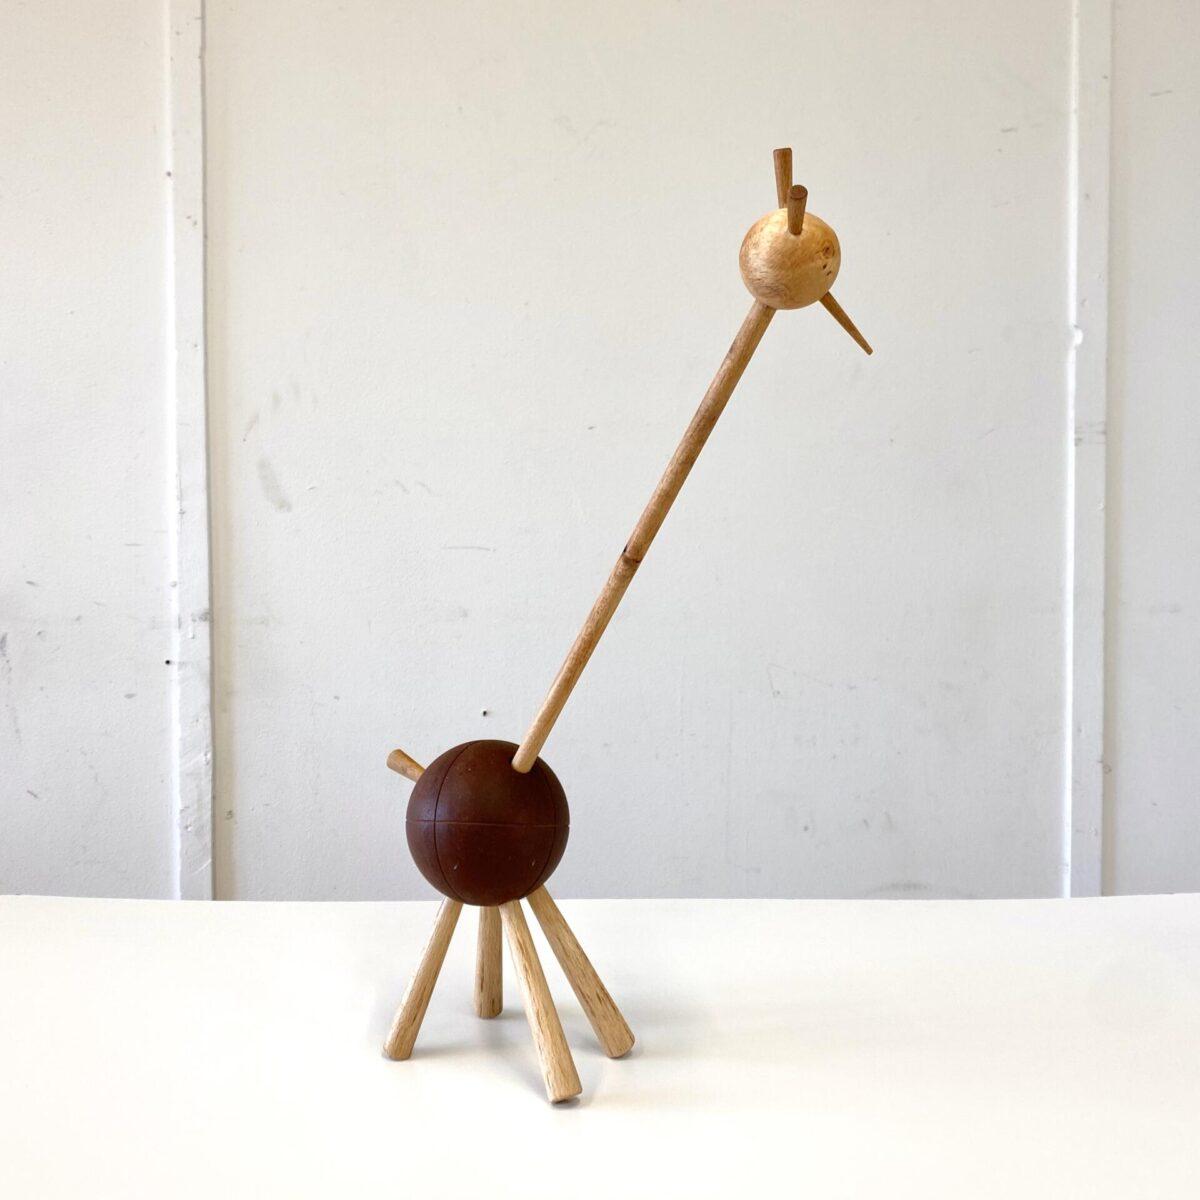 Deuxieme.shop Giraffen Skulptur Nicola Landert. Giraffe ähnliches Langhals Tier. 42cm hoch. Auf der Suche nach Dekorativen Requisiten die etwas in die Höhe ragen, kam die Idee eine Giraffe zu machen. Möglichst simpel mit vorhanden Materialien (alte Boccia Kugel) und trotzdem schön ausgeformten Elementen. Konische Rundholz Beine mit gutem Stand, Kopf und Hals sind drehbar.